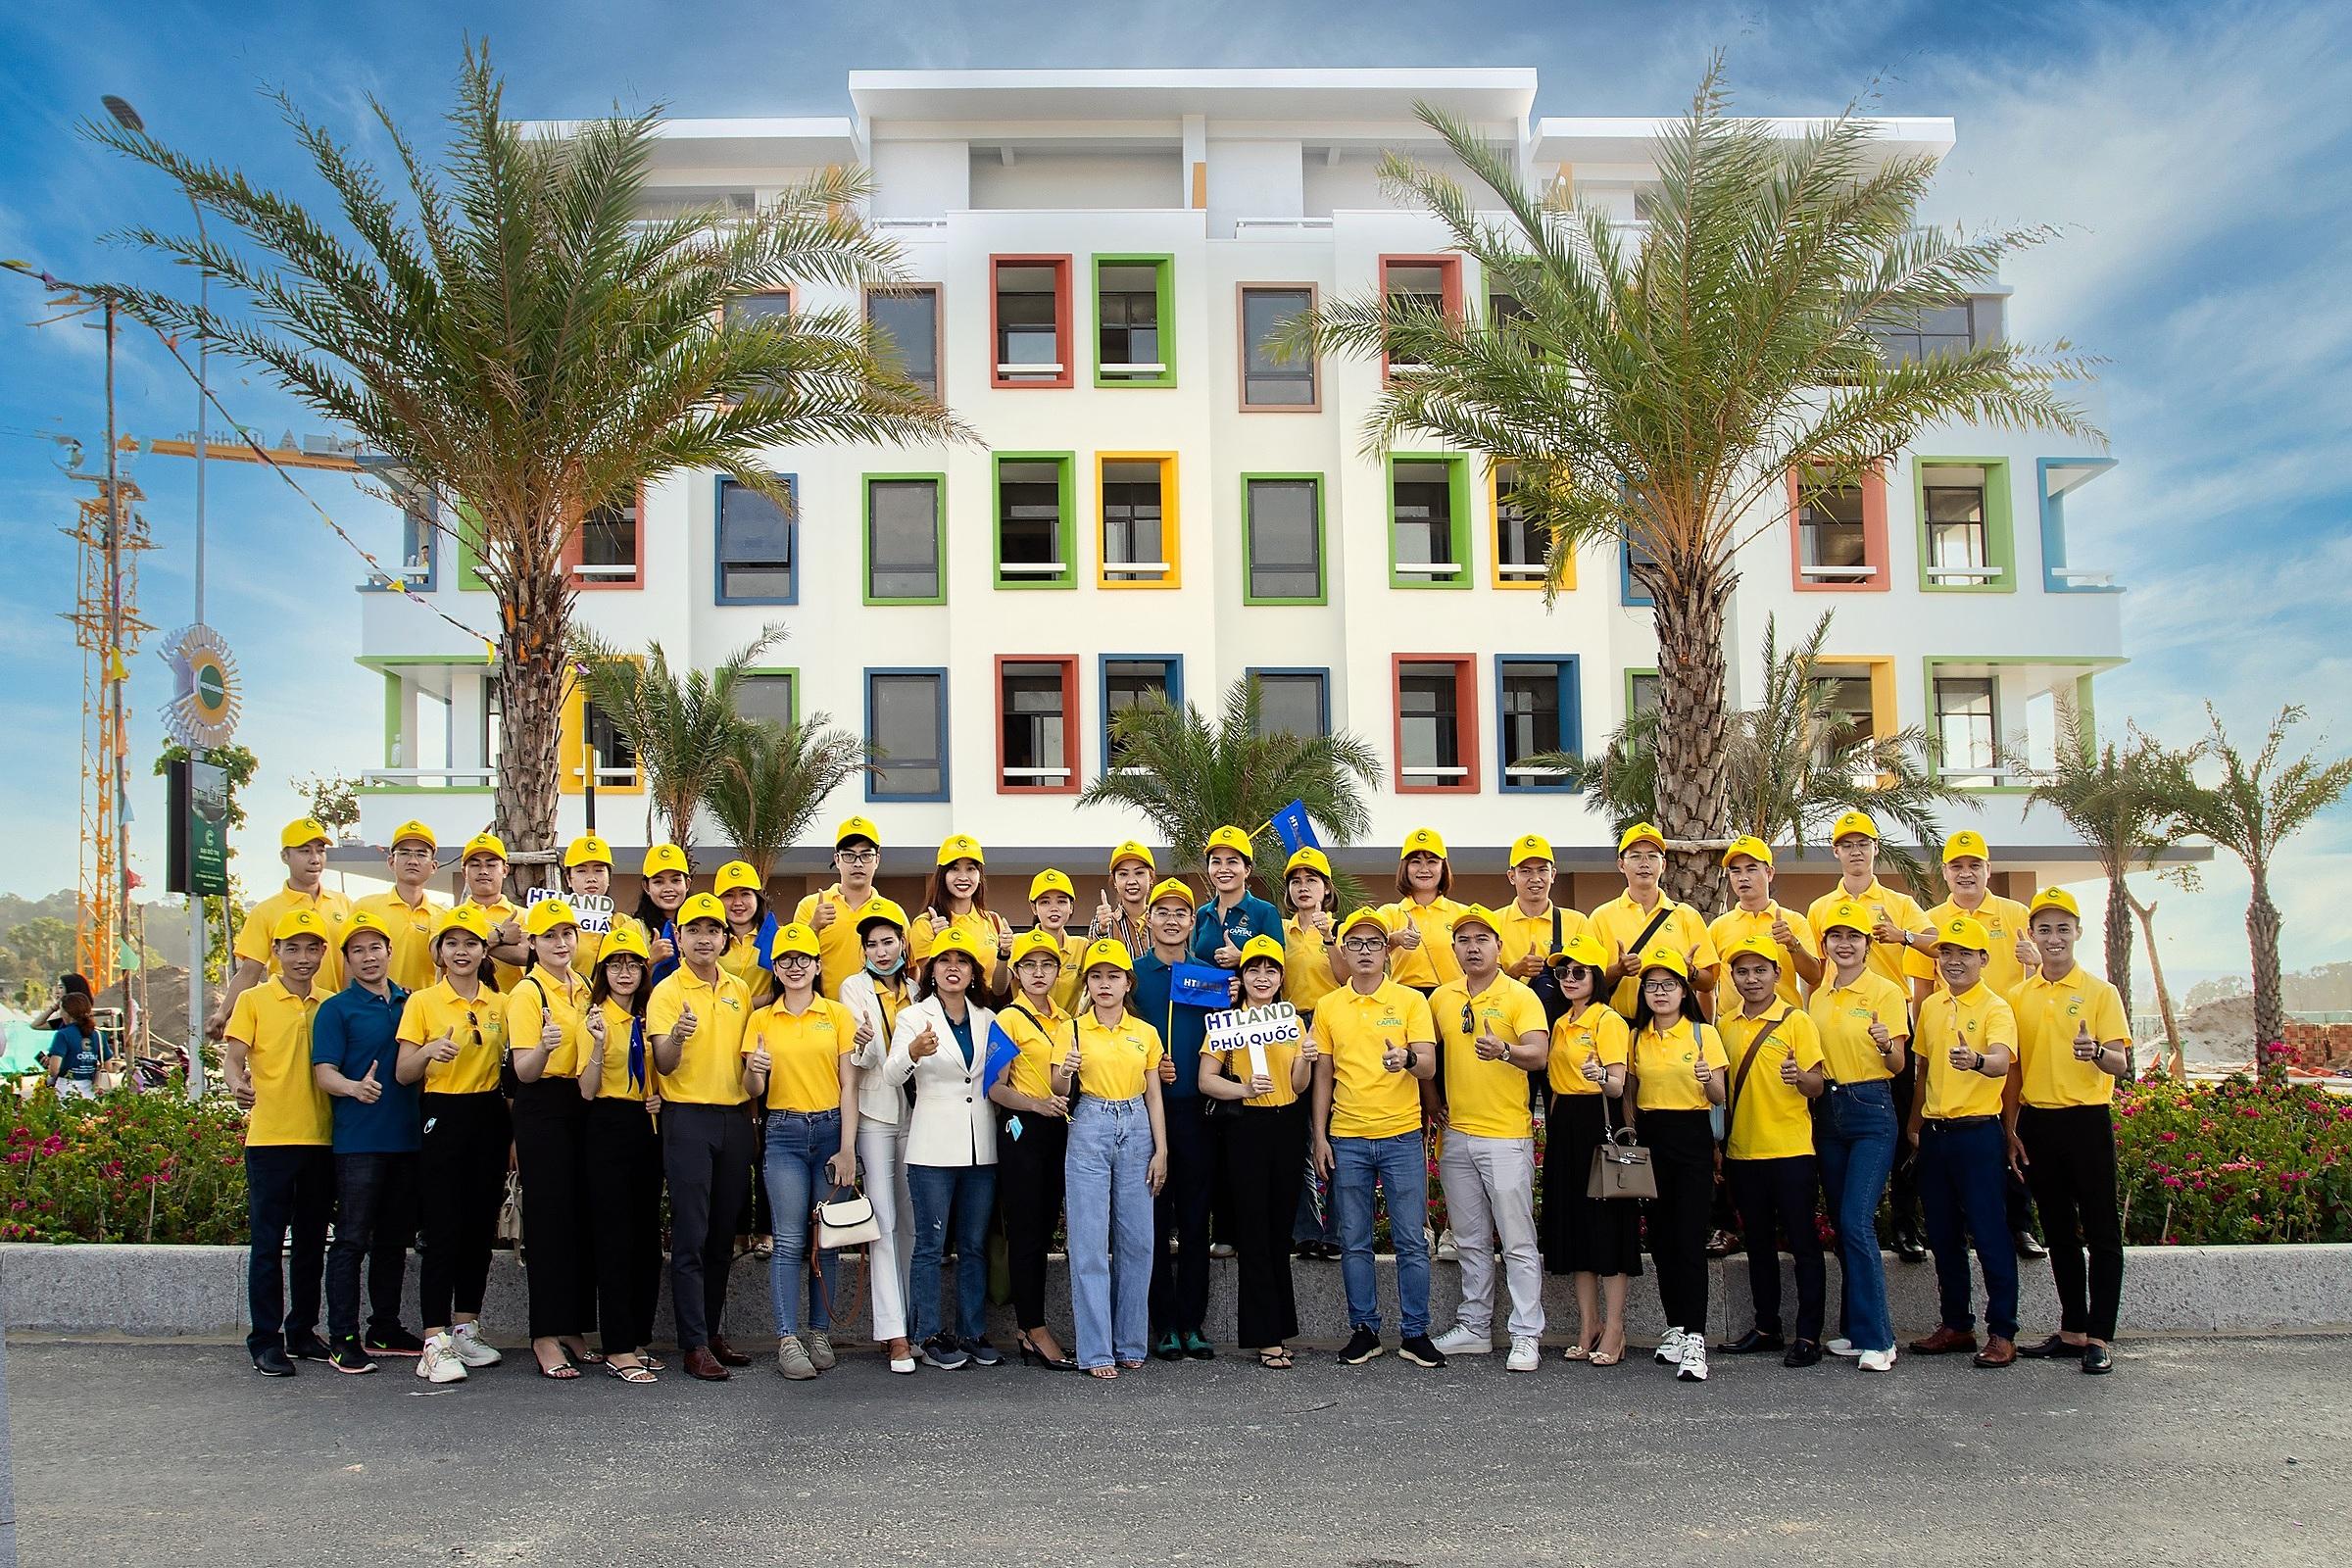 Trực tiếp thăm nhà mẫu và Bãi Trường (cách dự án 100 m) giúp chuyên viên tư vấn kinh doanh cảm nhận chân thực về Meyhomes Capital Phú Quốc. Ảnh: Tân Á Đại Thành.